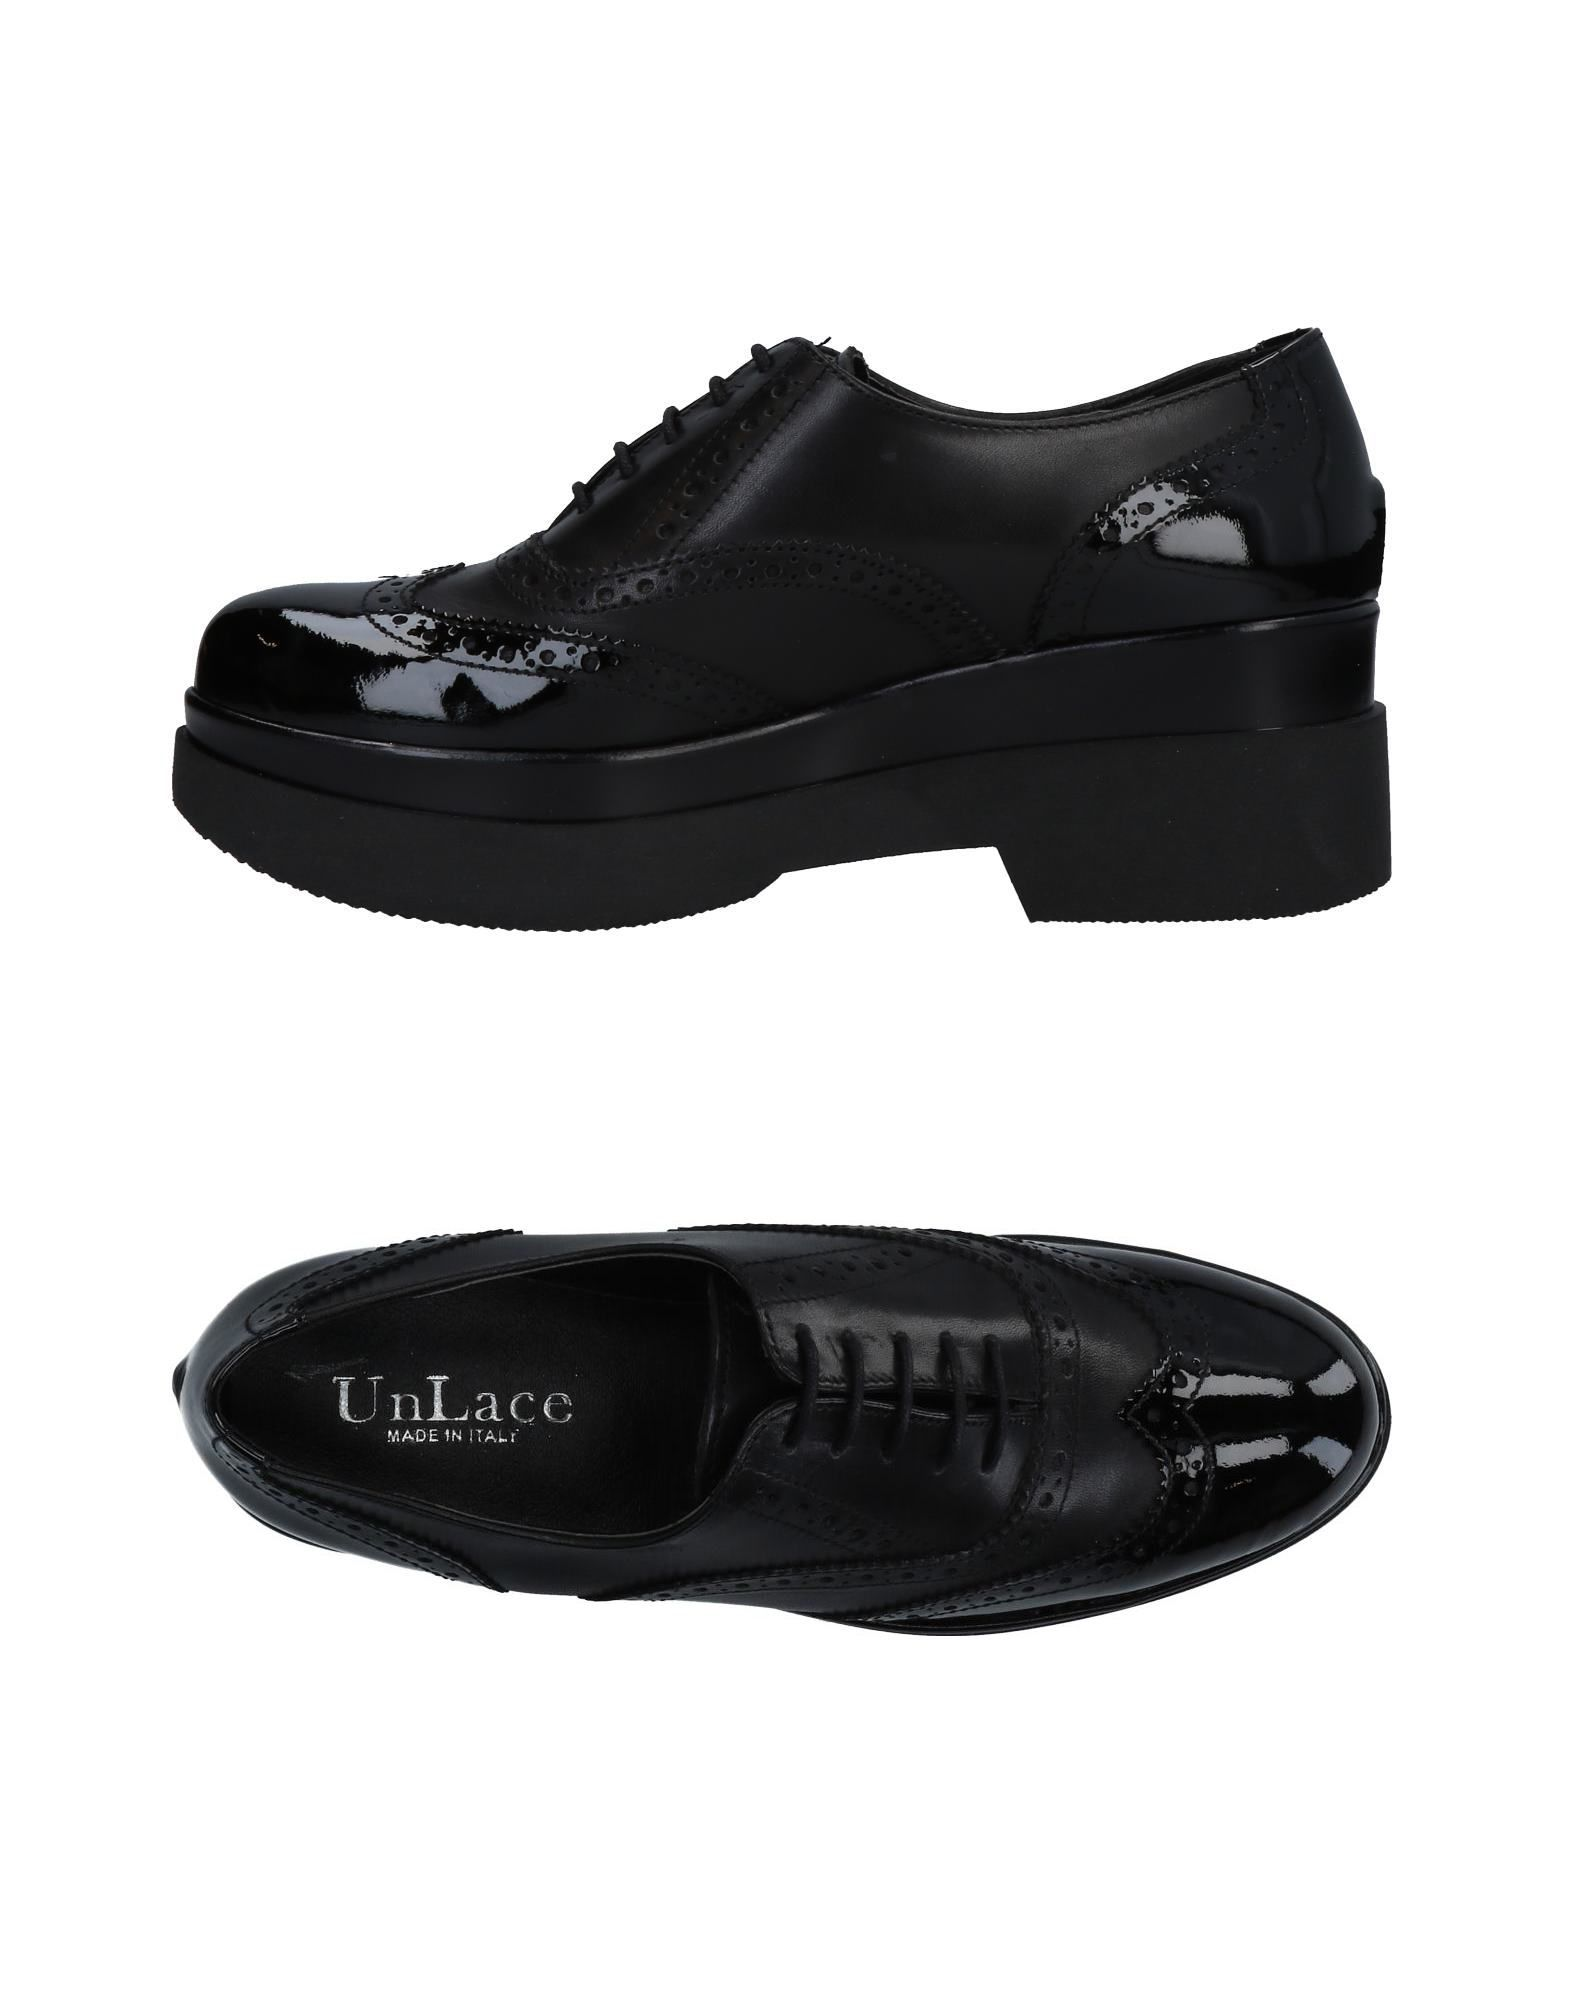 Nuevos zapatos para hombres y y hombres mujeres, descuento por tiempo limitado Zapato De Cordones Unlace Mujer - Zapatos De Cordones Unlace  Negro d7eb94